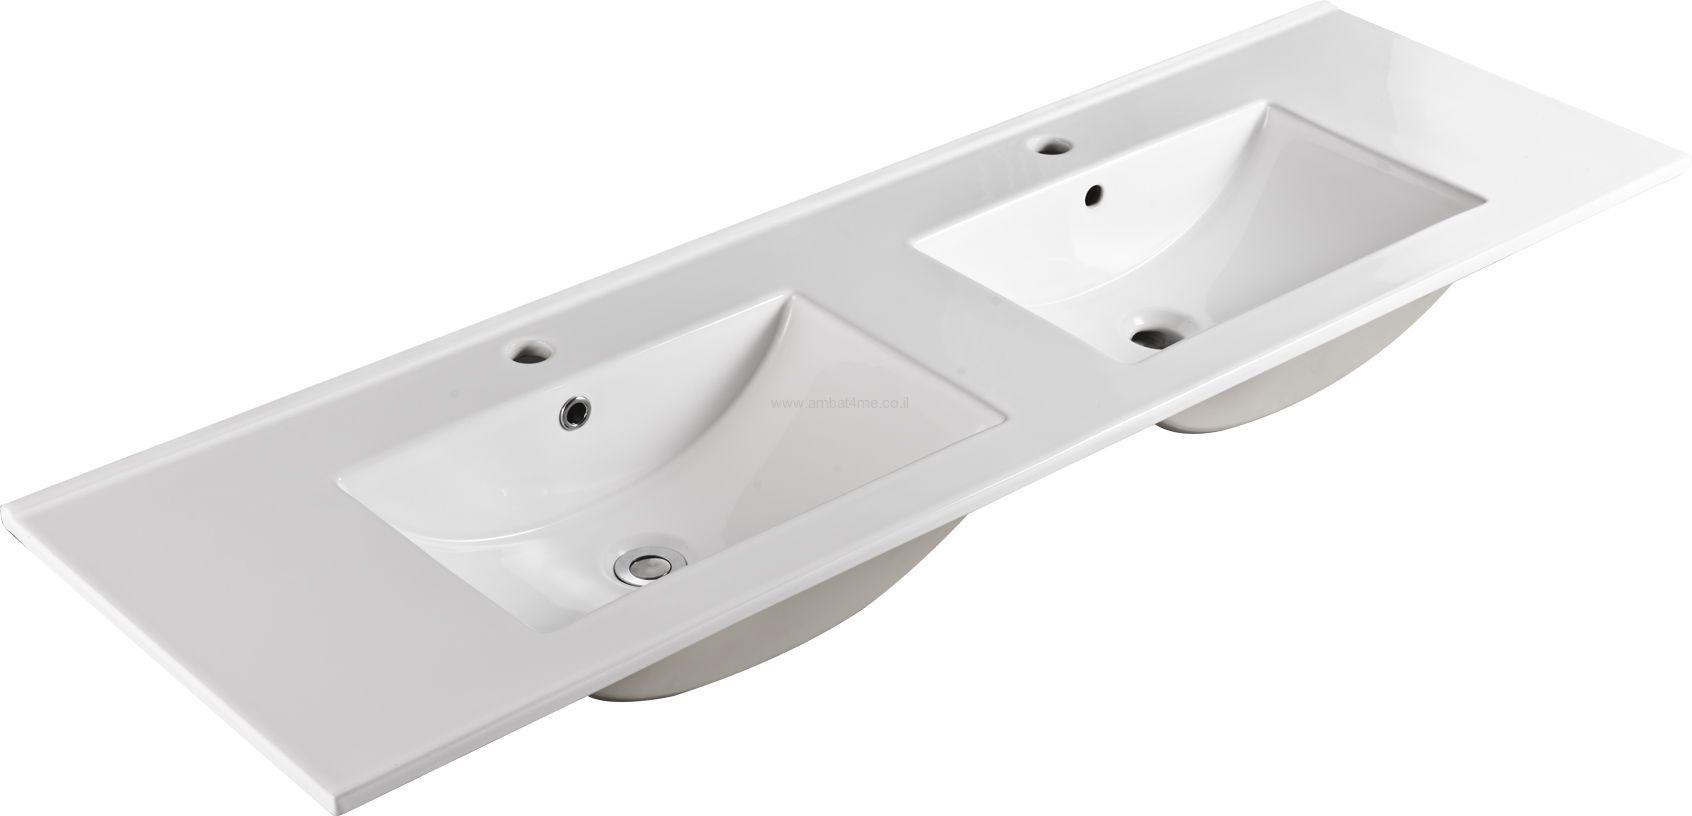 כיור חרס כפול 150-47 לאמבטיה של חברת AMBAT .